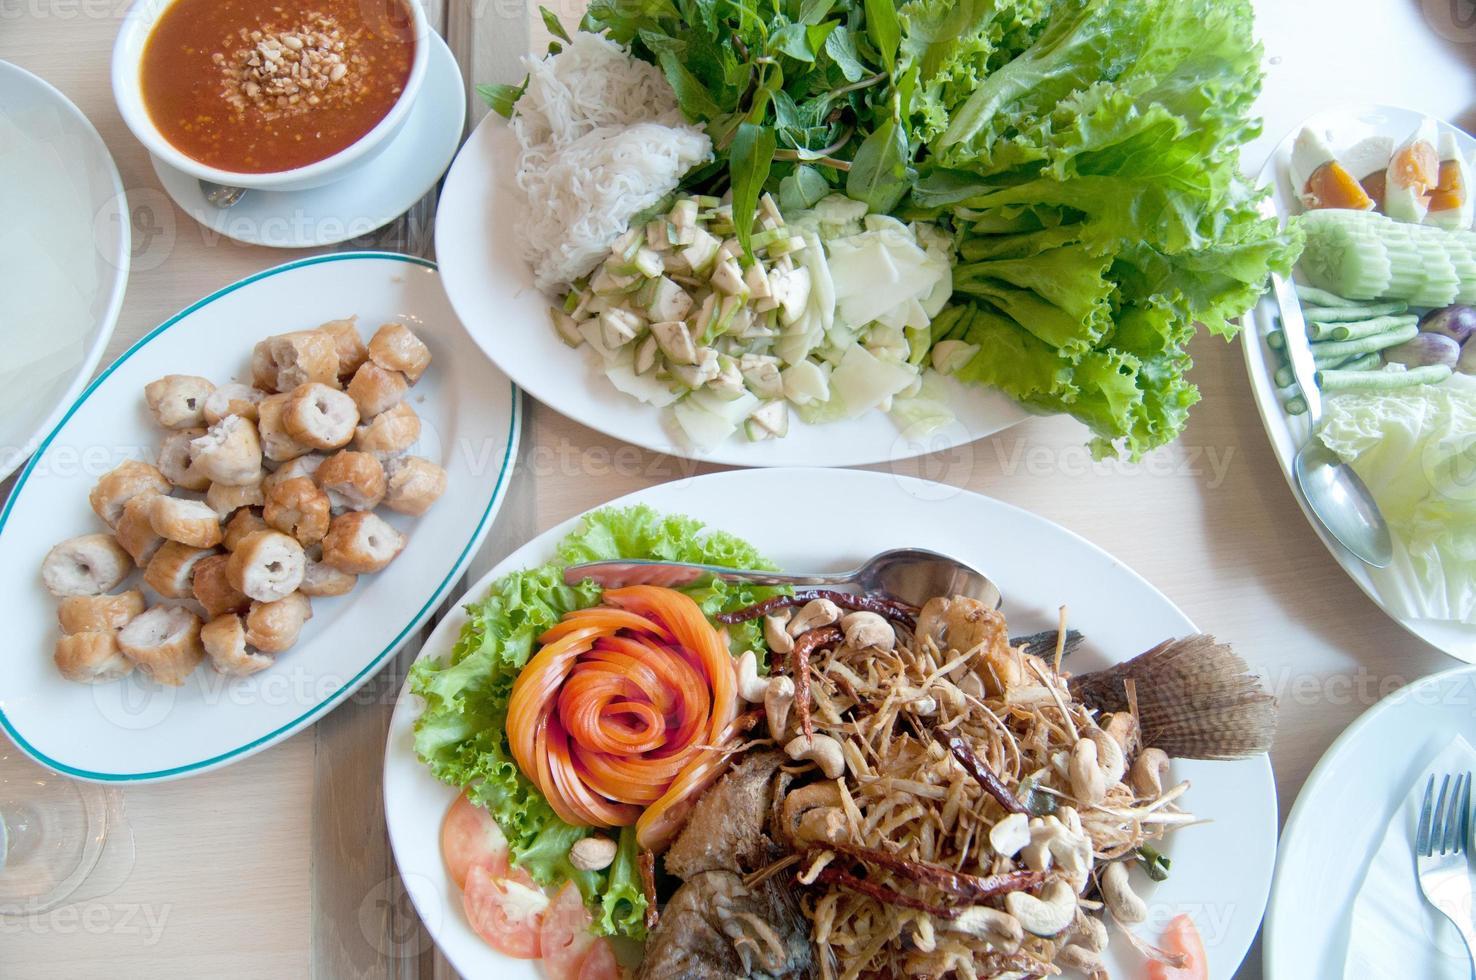 comida tailandesa na mesa de jantar - peixe demitido, molho de pimenta foto